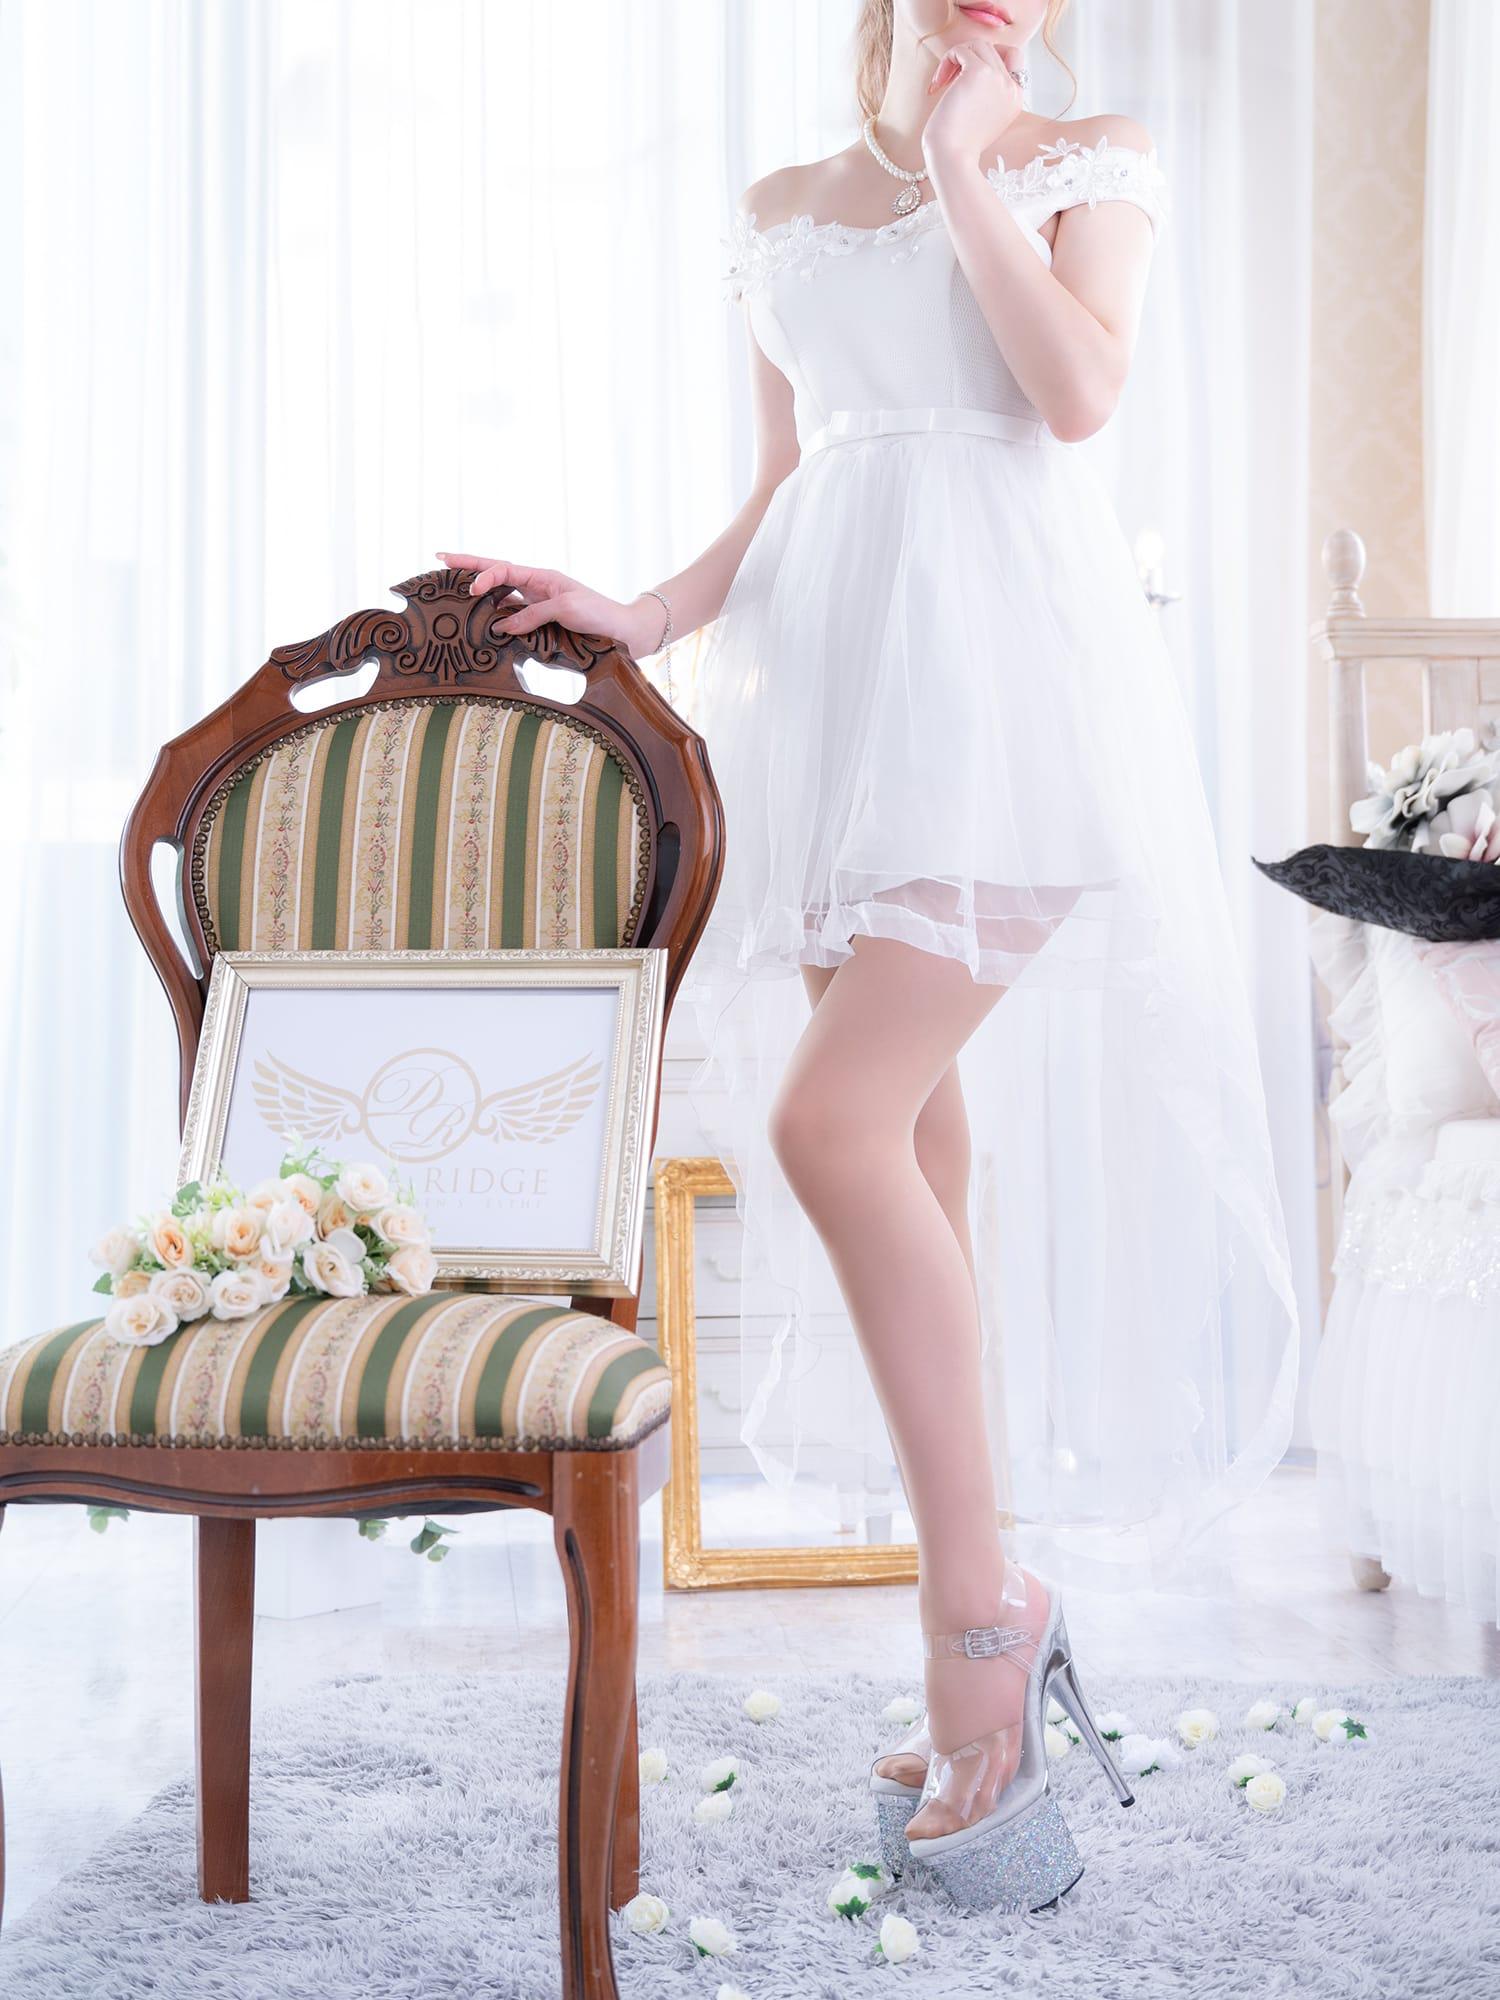 愛久(あいく)-RIDGE【愛らしい高い美意識◎】 | DIANA RIDGE~ダイアナ・リッジ()